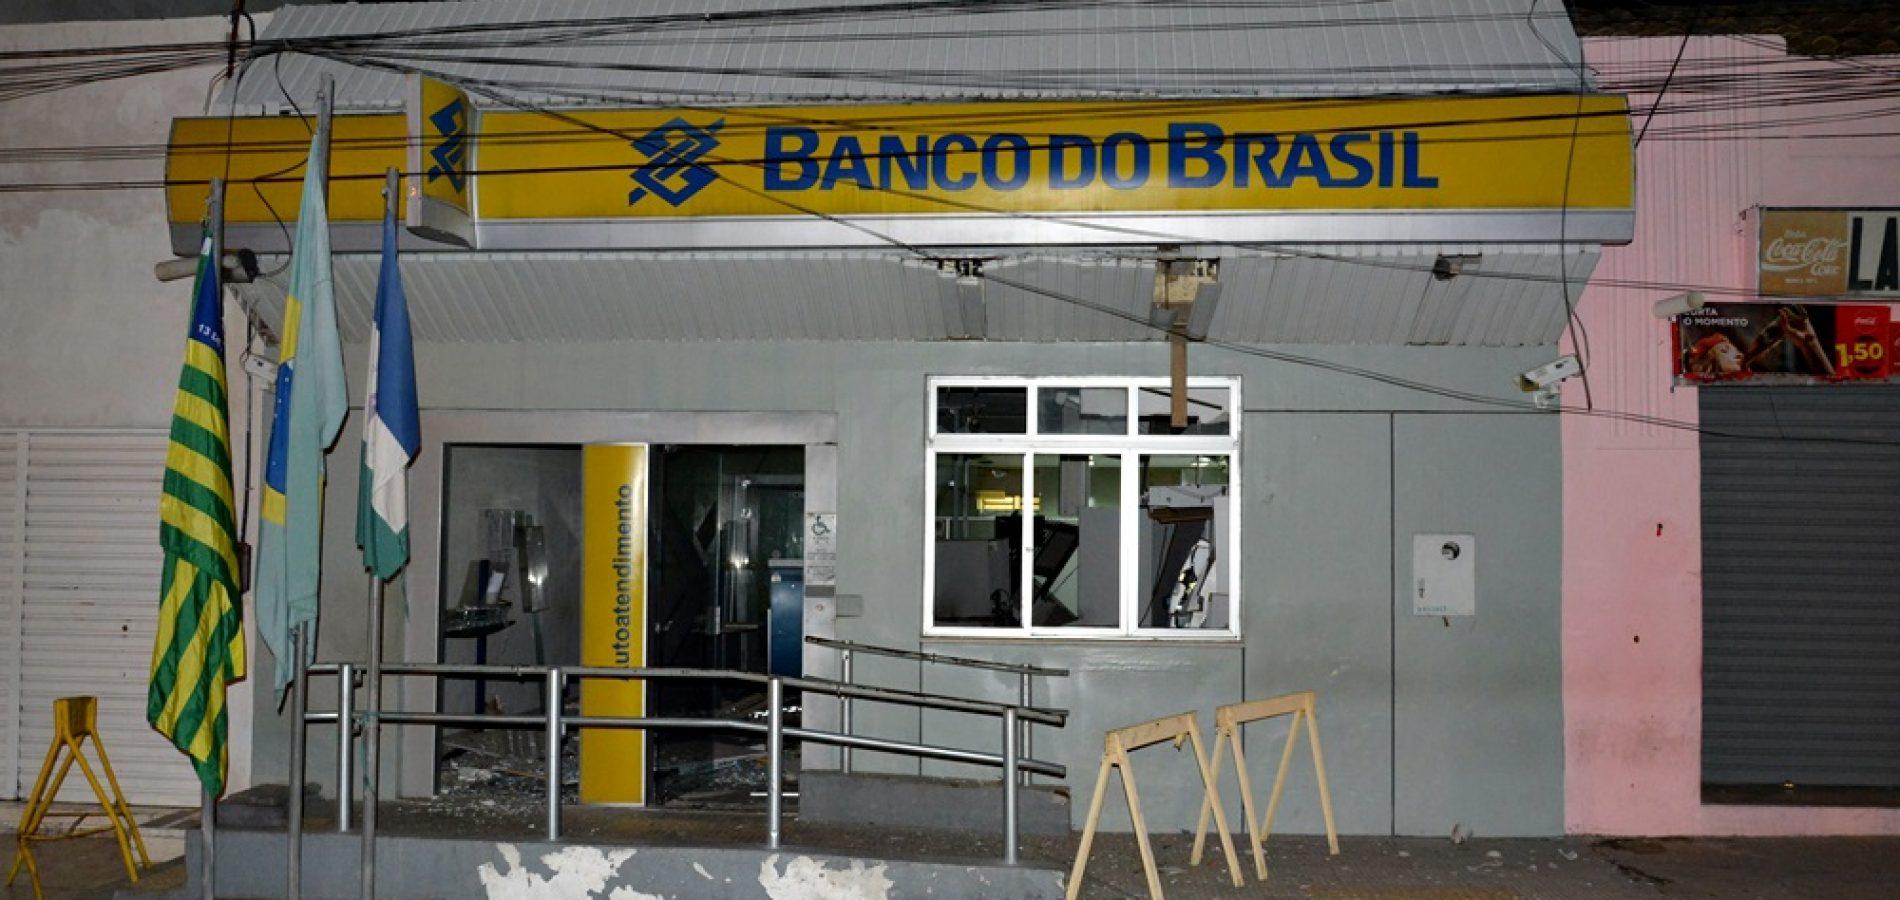 No Piauí, 128 agências foram assaltadas desde o início de 2017; 28 somente este ano